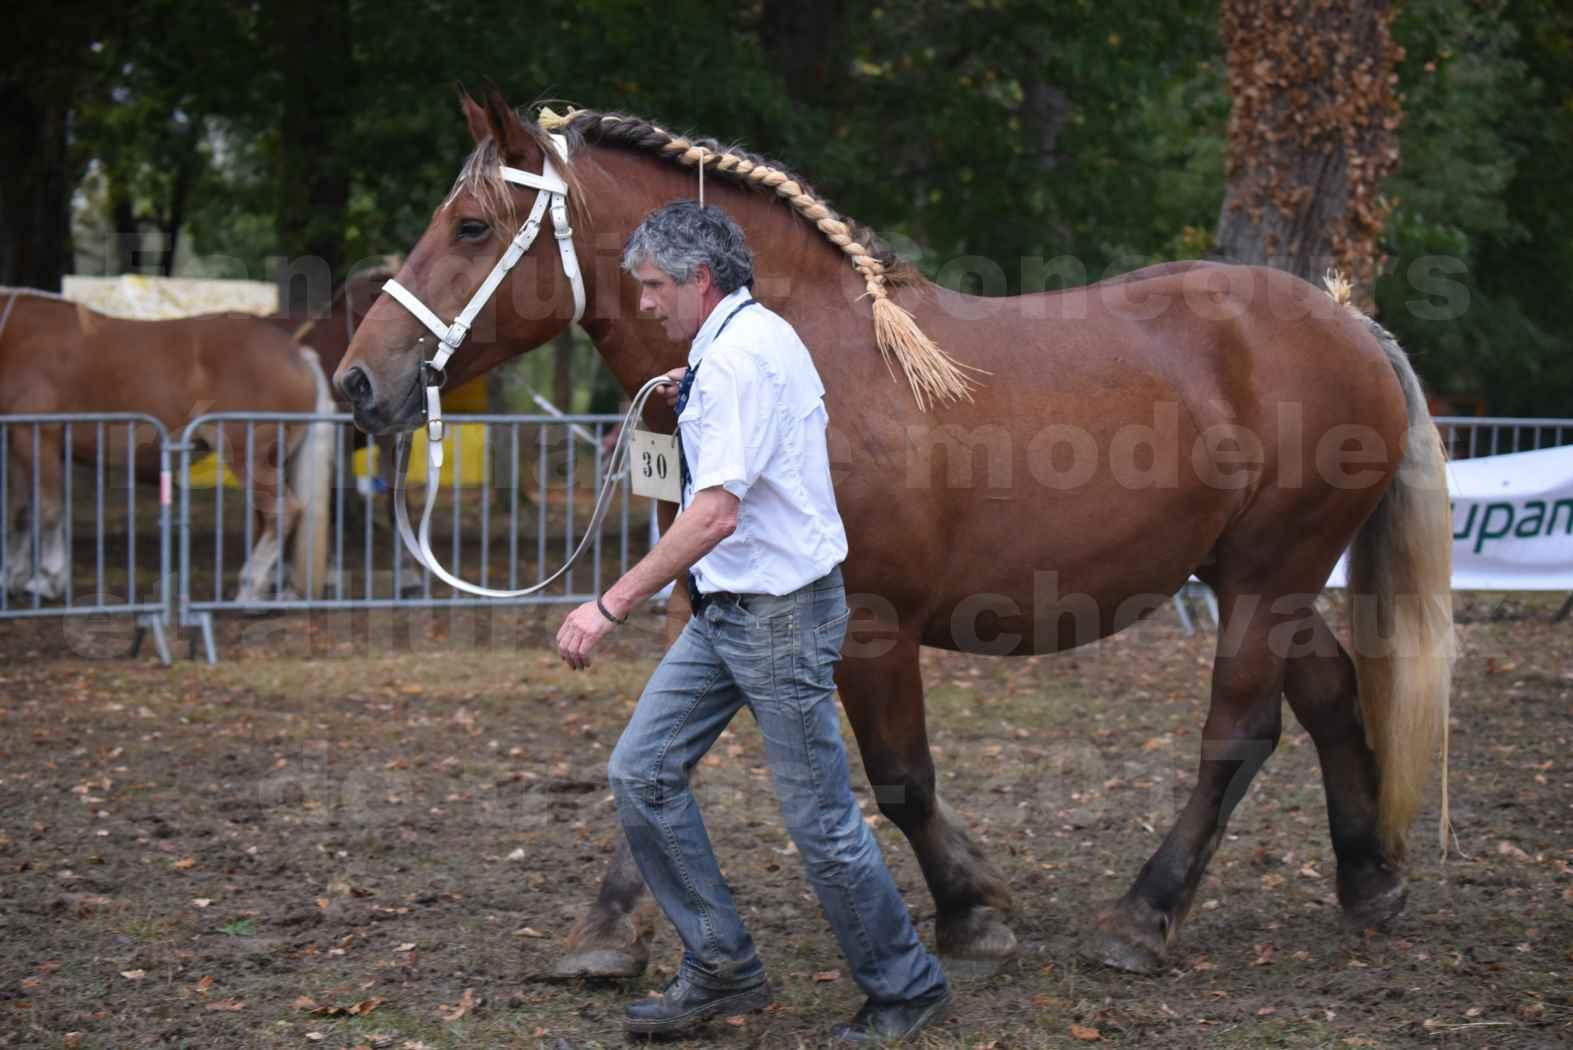 Concours Régional de chevaux de traits en 2017 - Trait COMTOIS - ESQUISSE DE VIELLE - 14